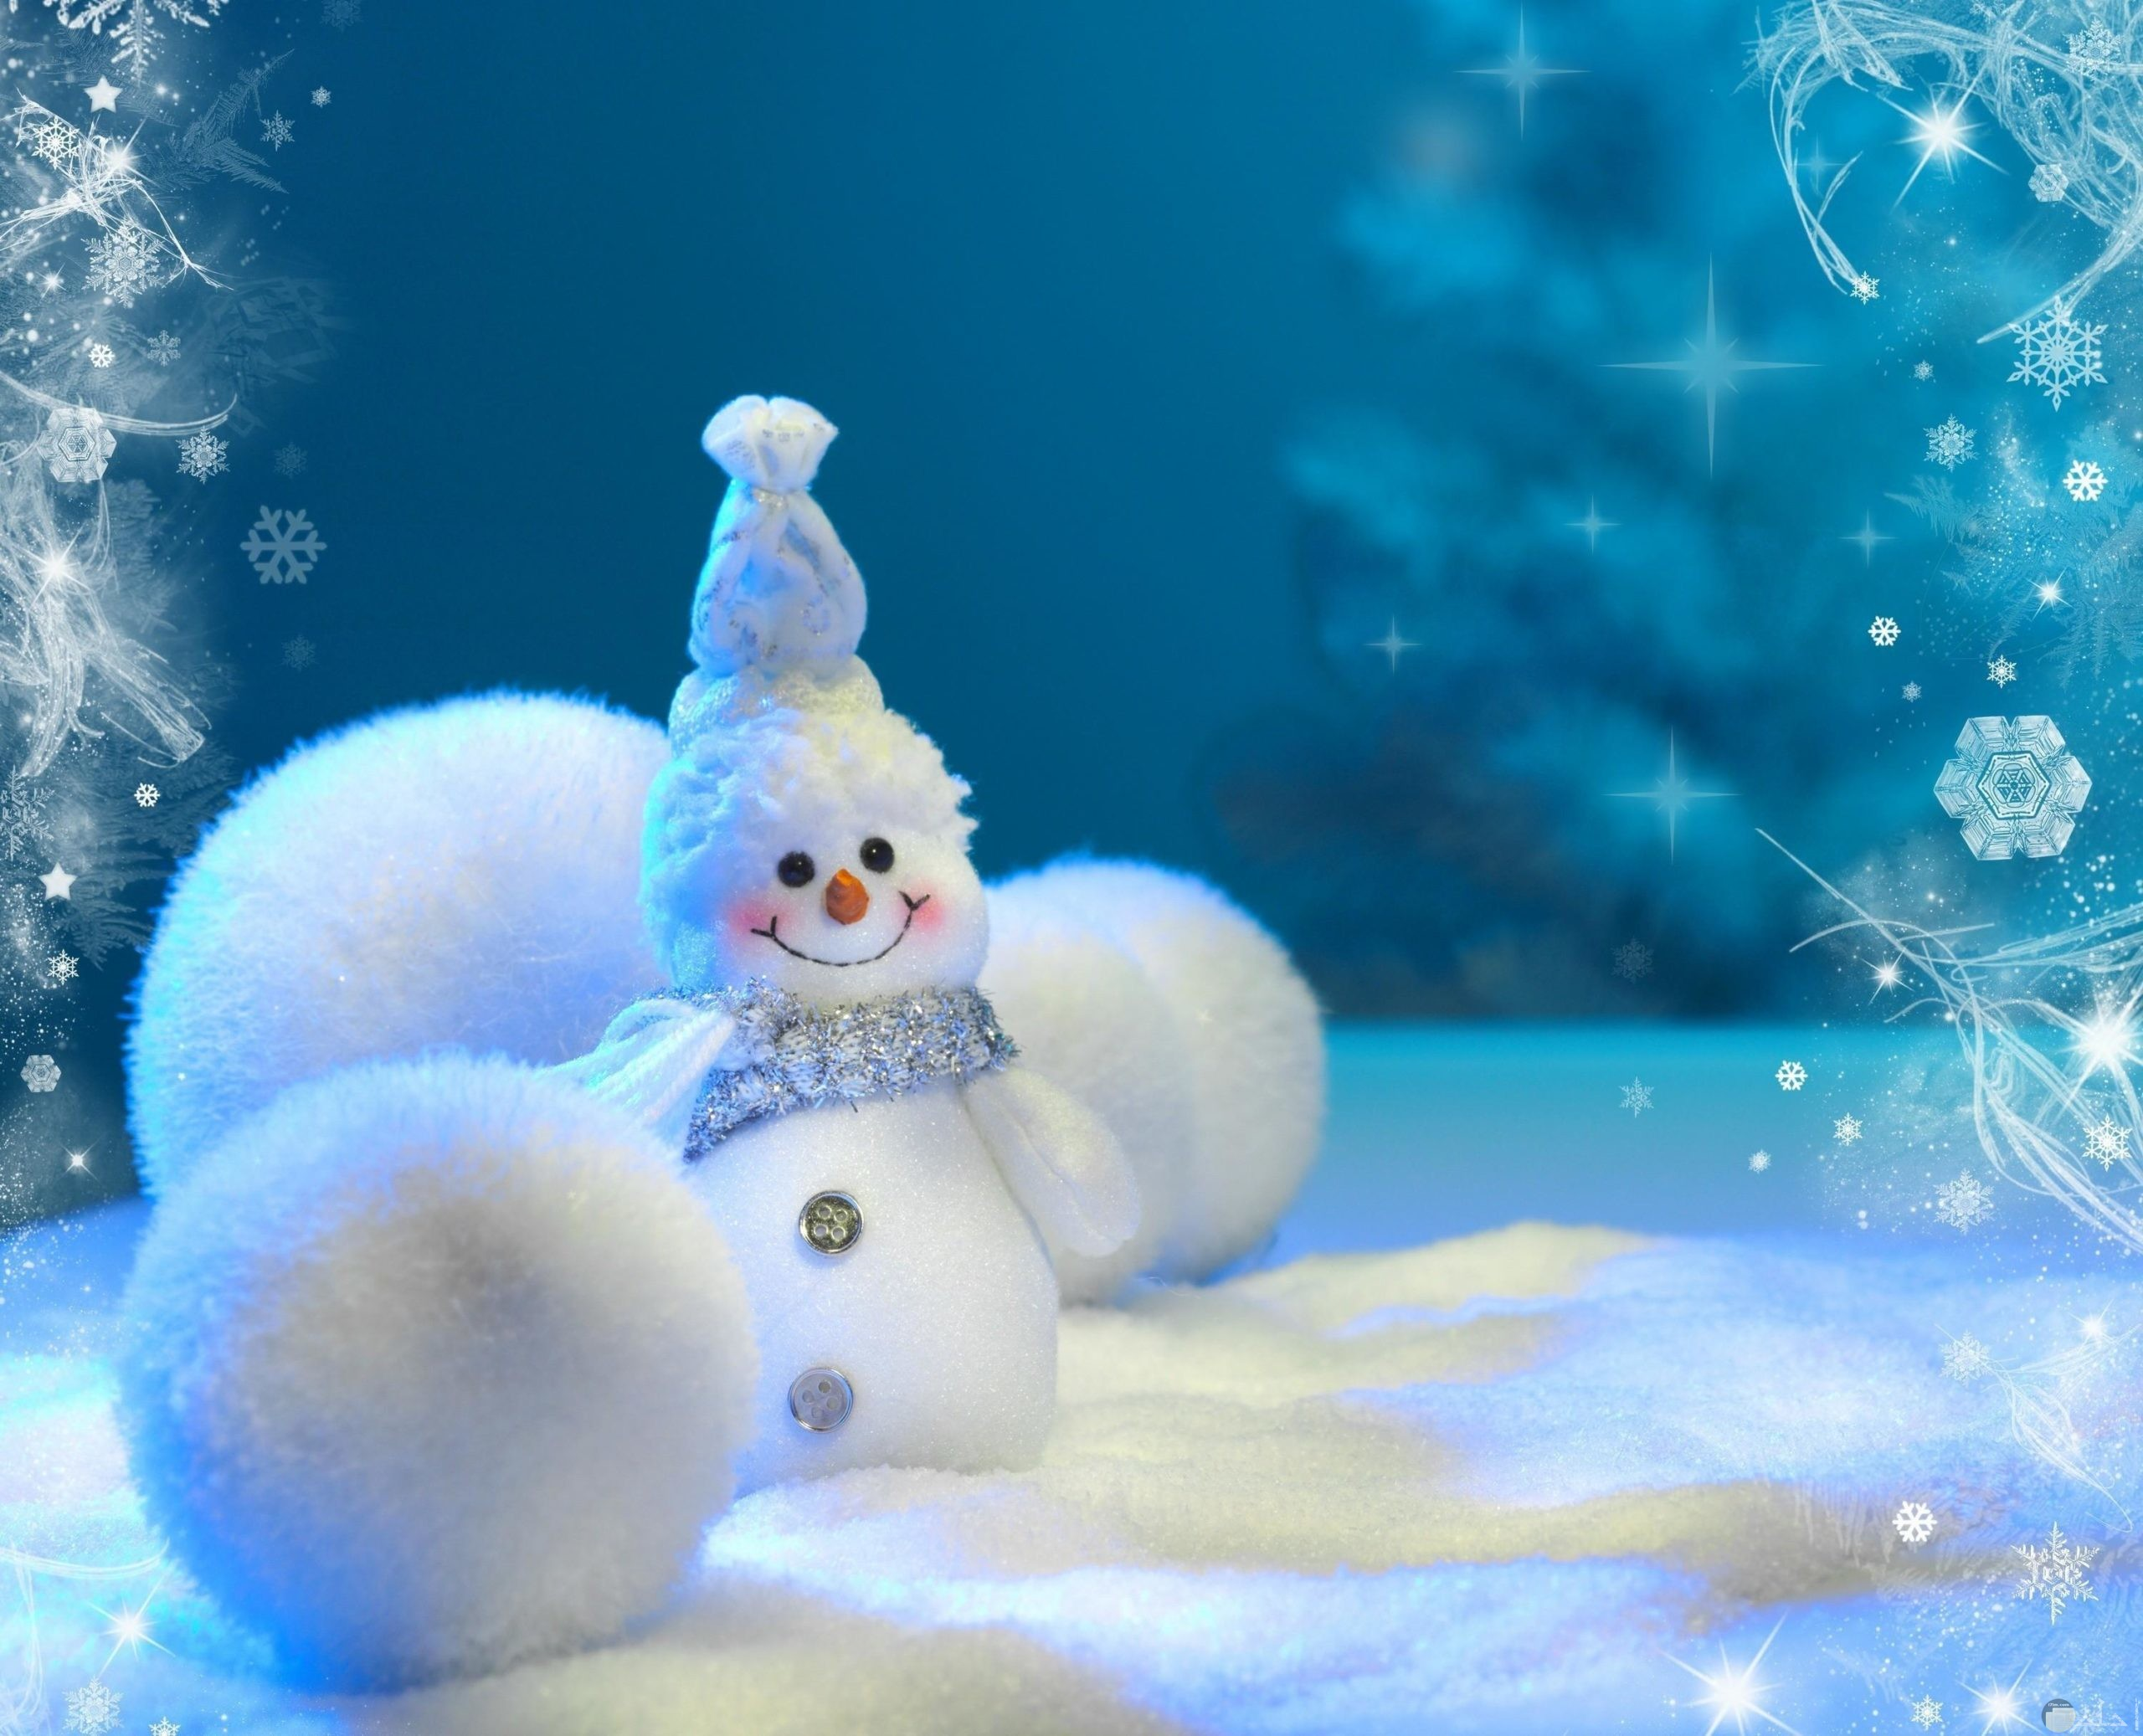 رجل الثلج و كرات الثلج_حينما نبدع بالثلج أشكالاً.